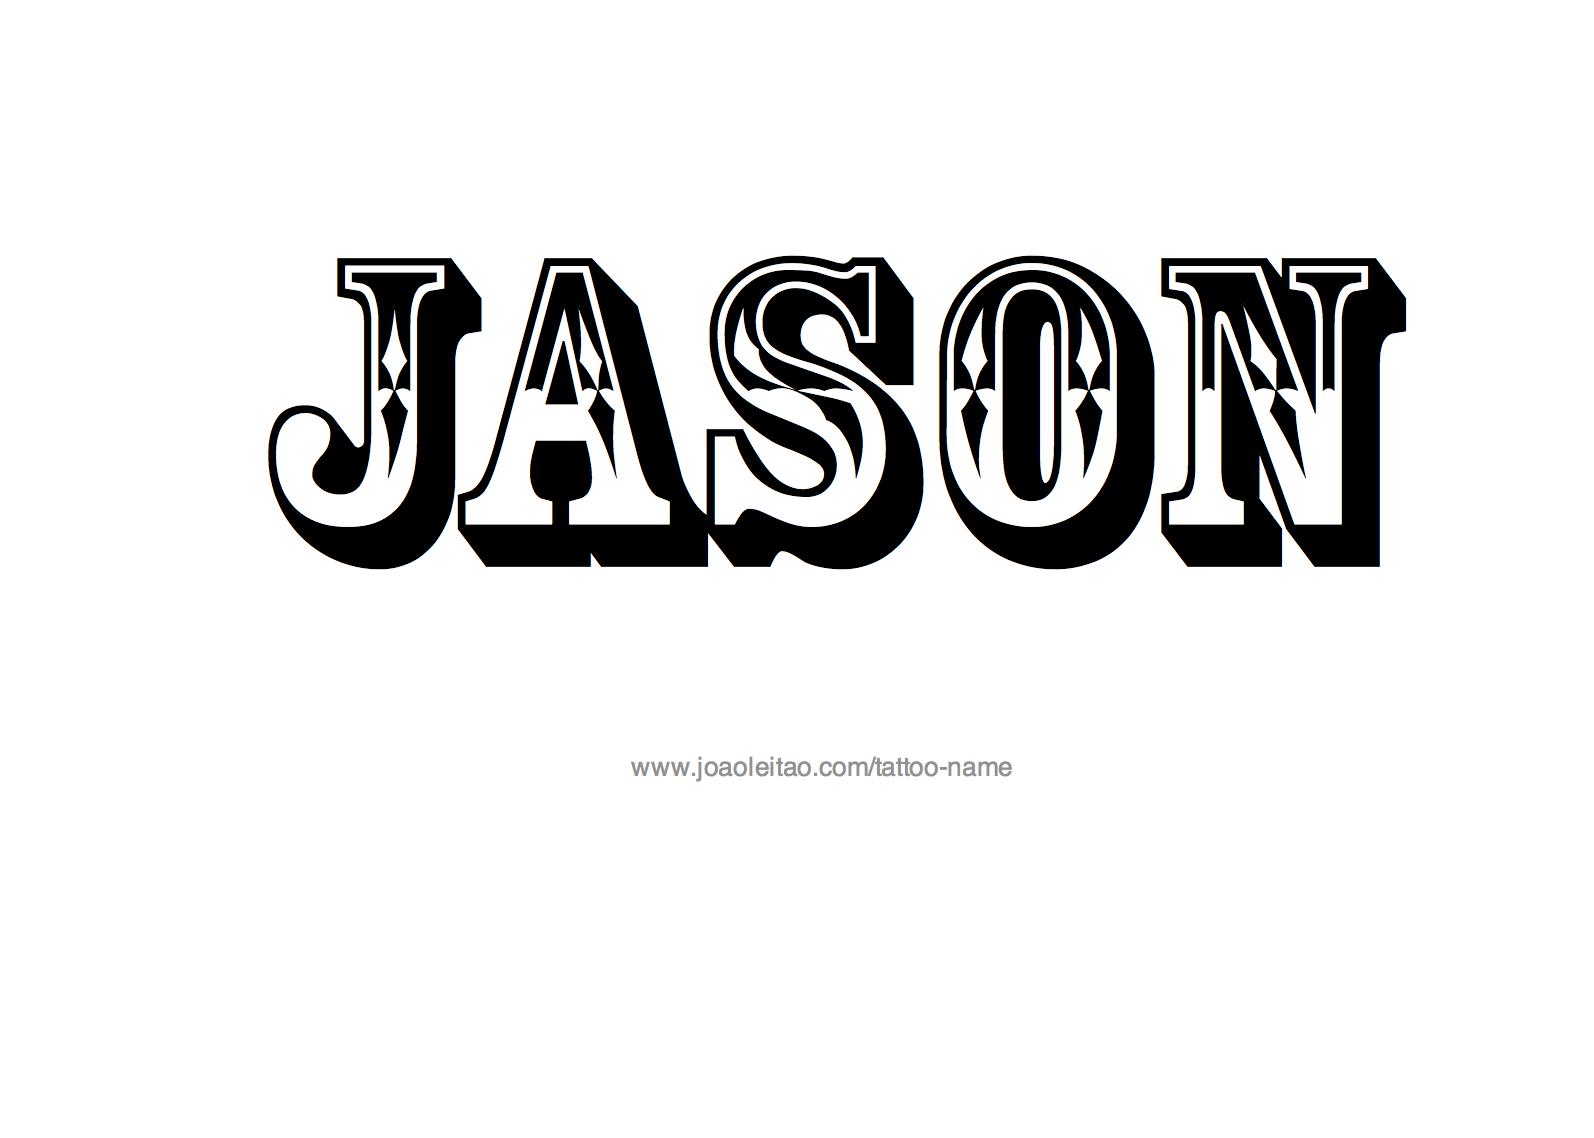 Jason Name Tattoo Designs Senior Posters Name Tattoo Designs Name Tattoo